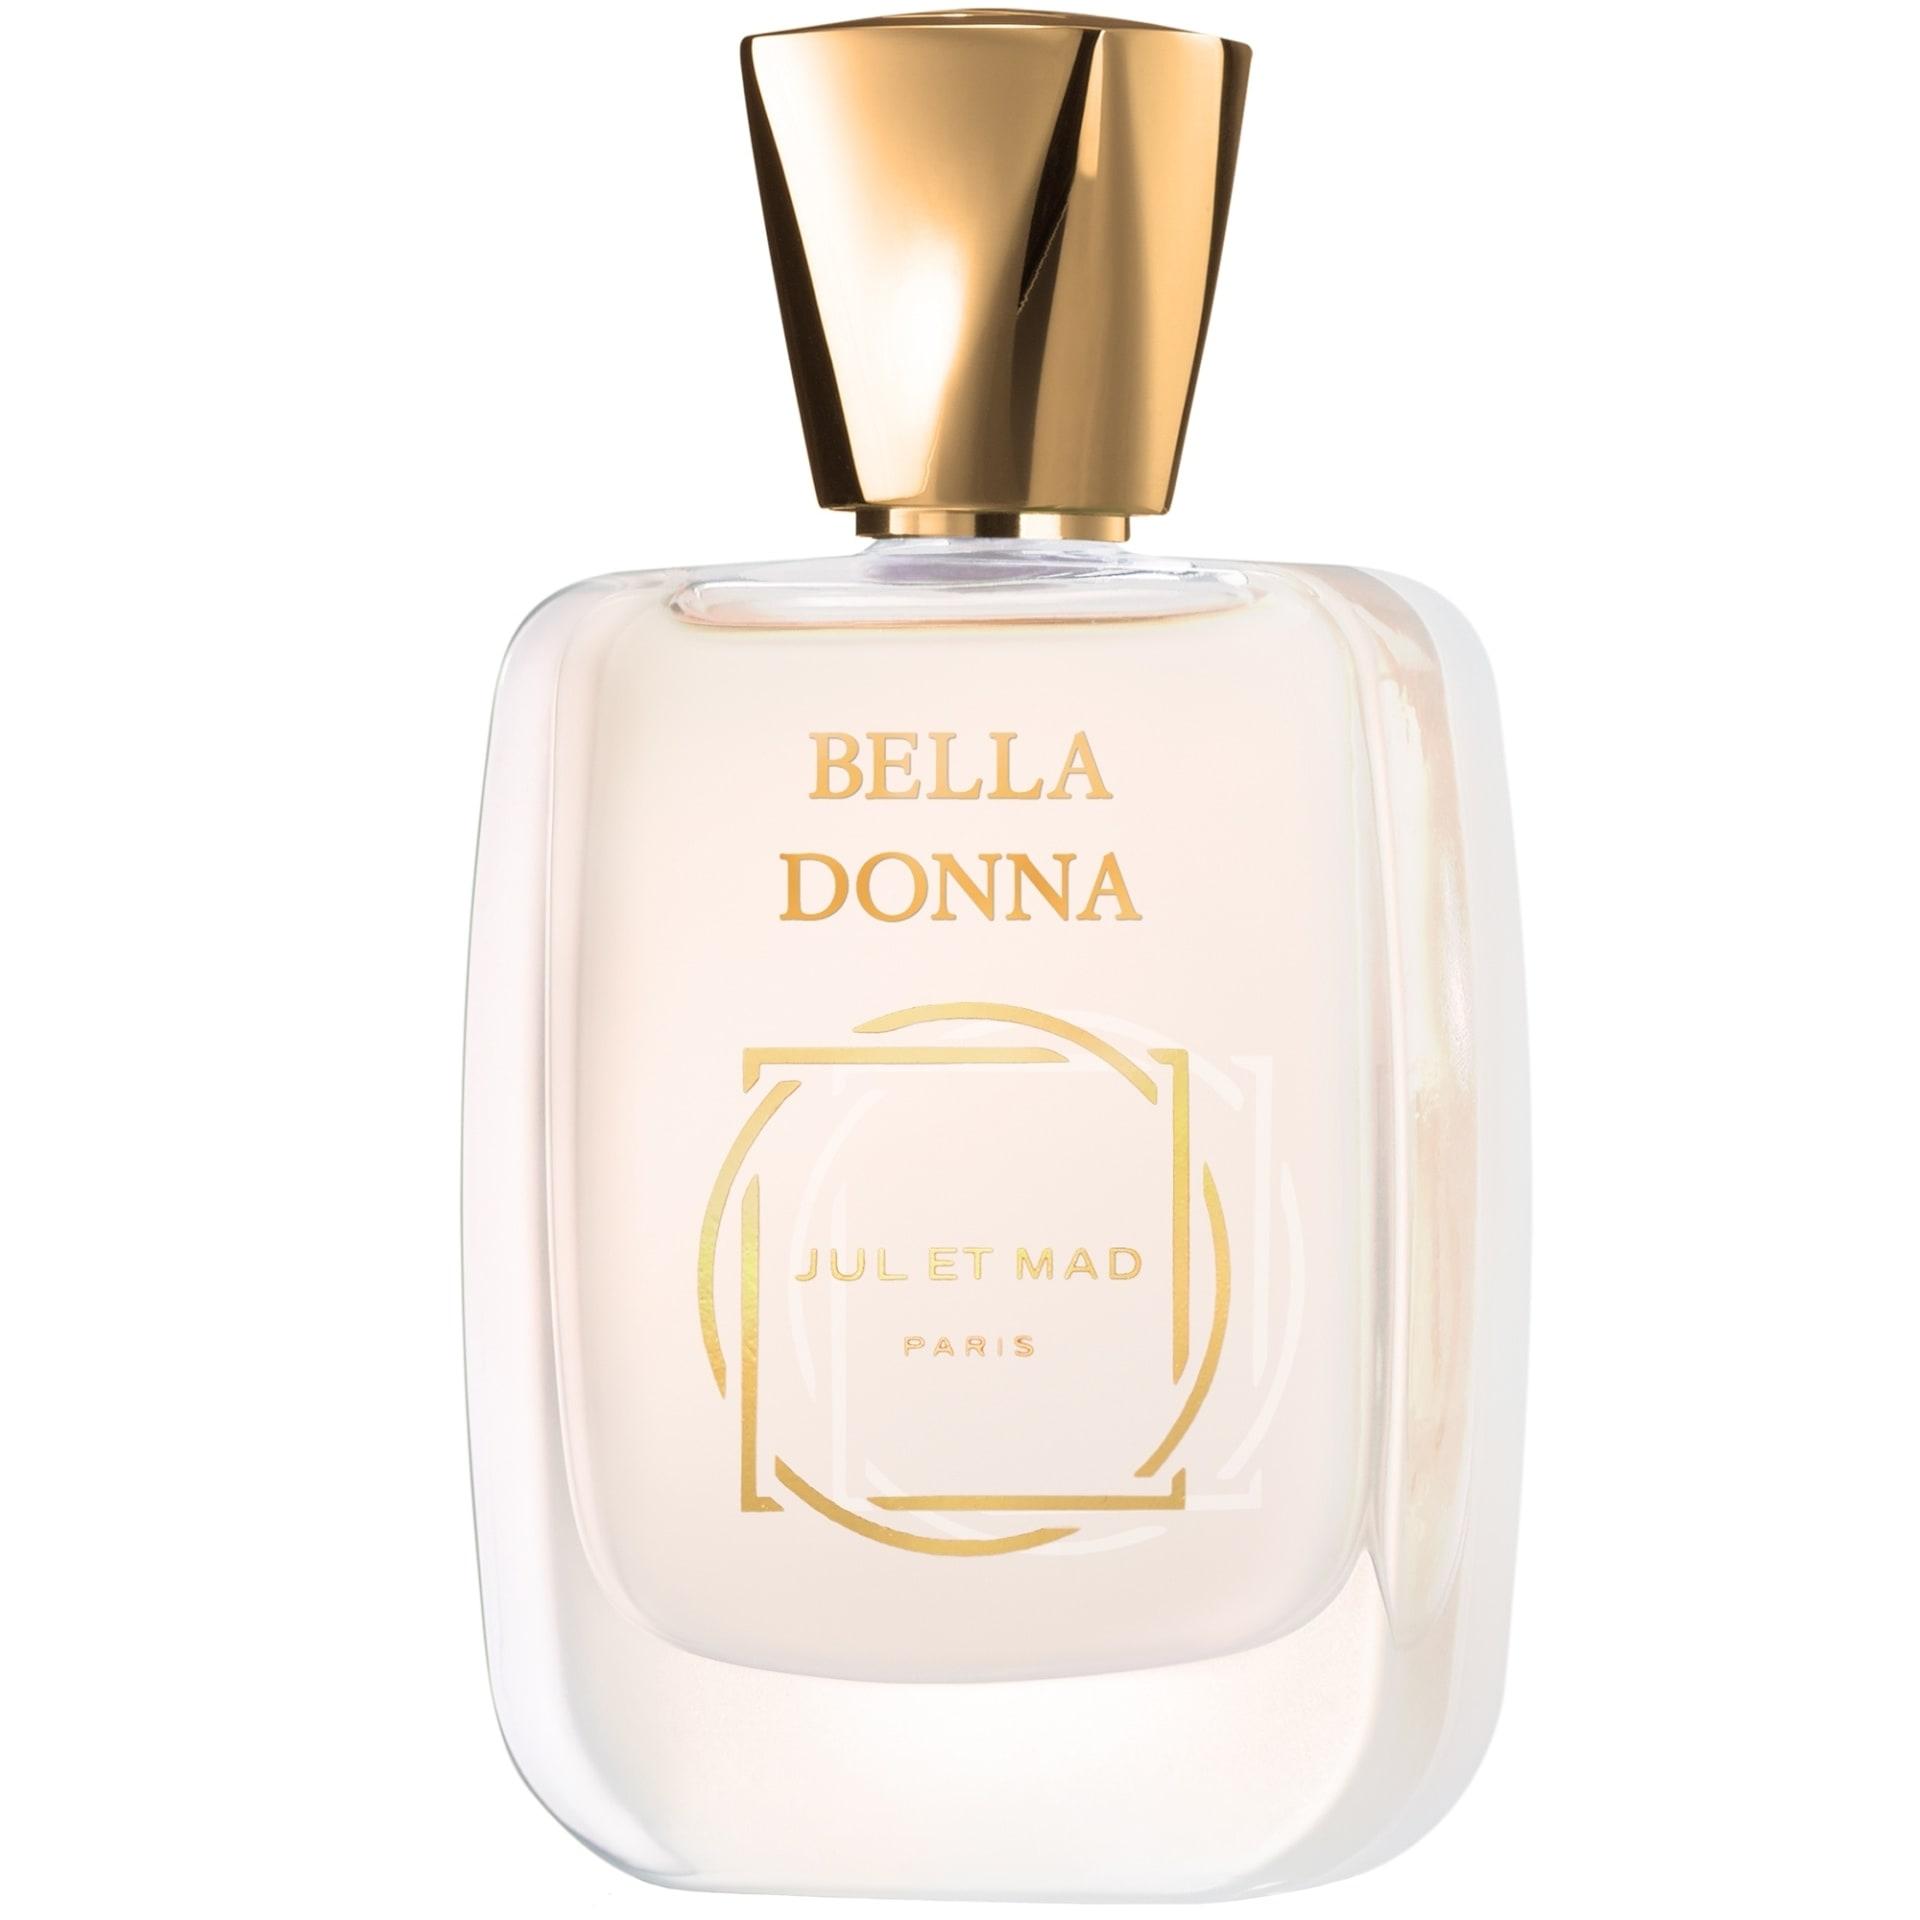 jul-et-mad-bella-donna